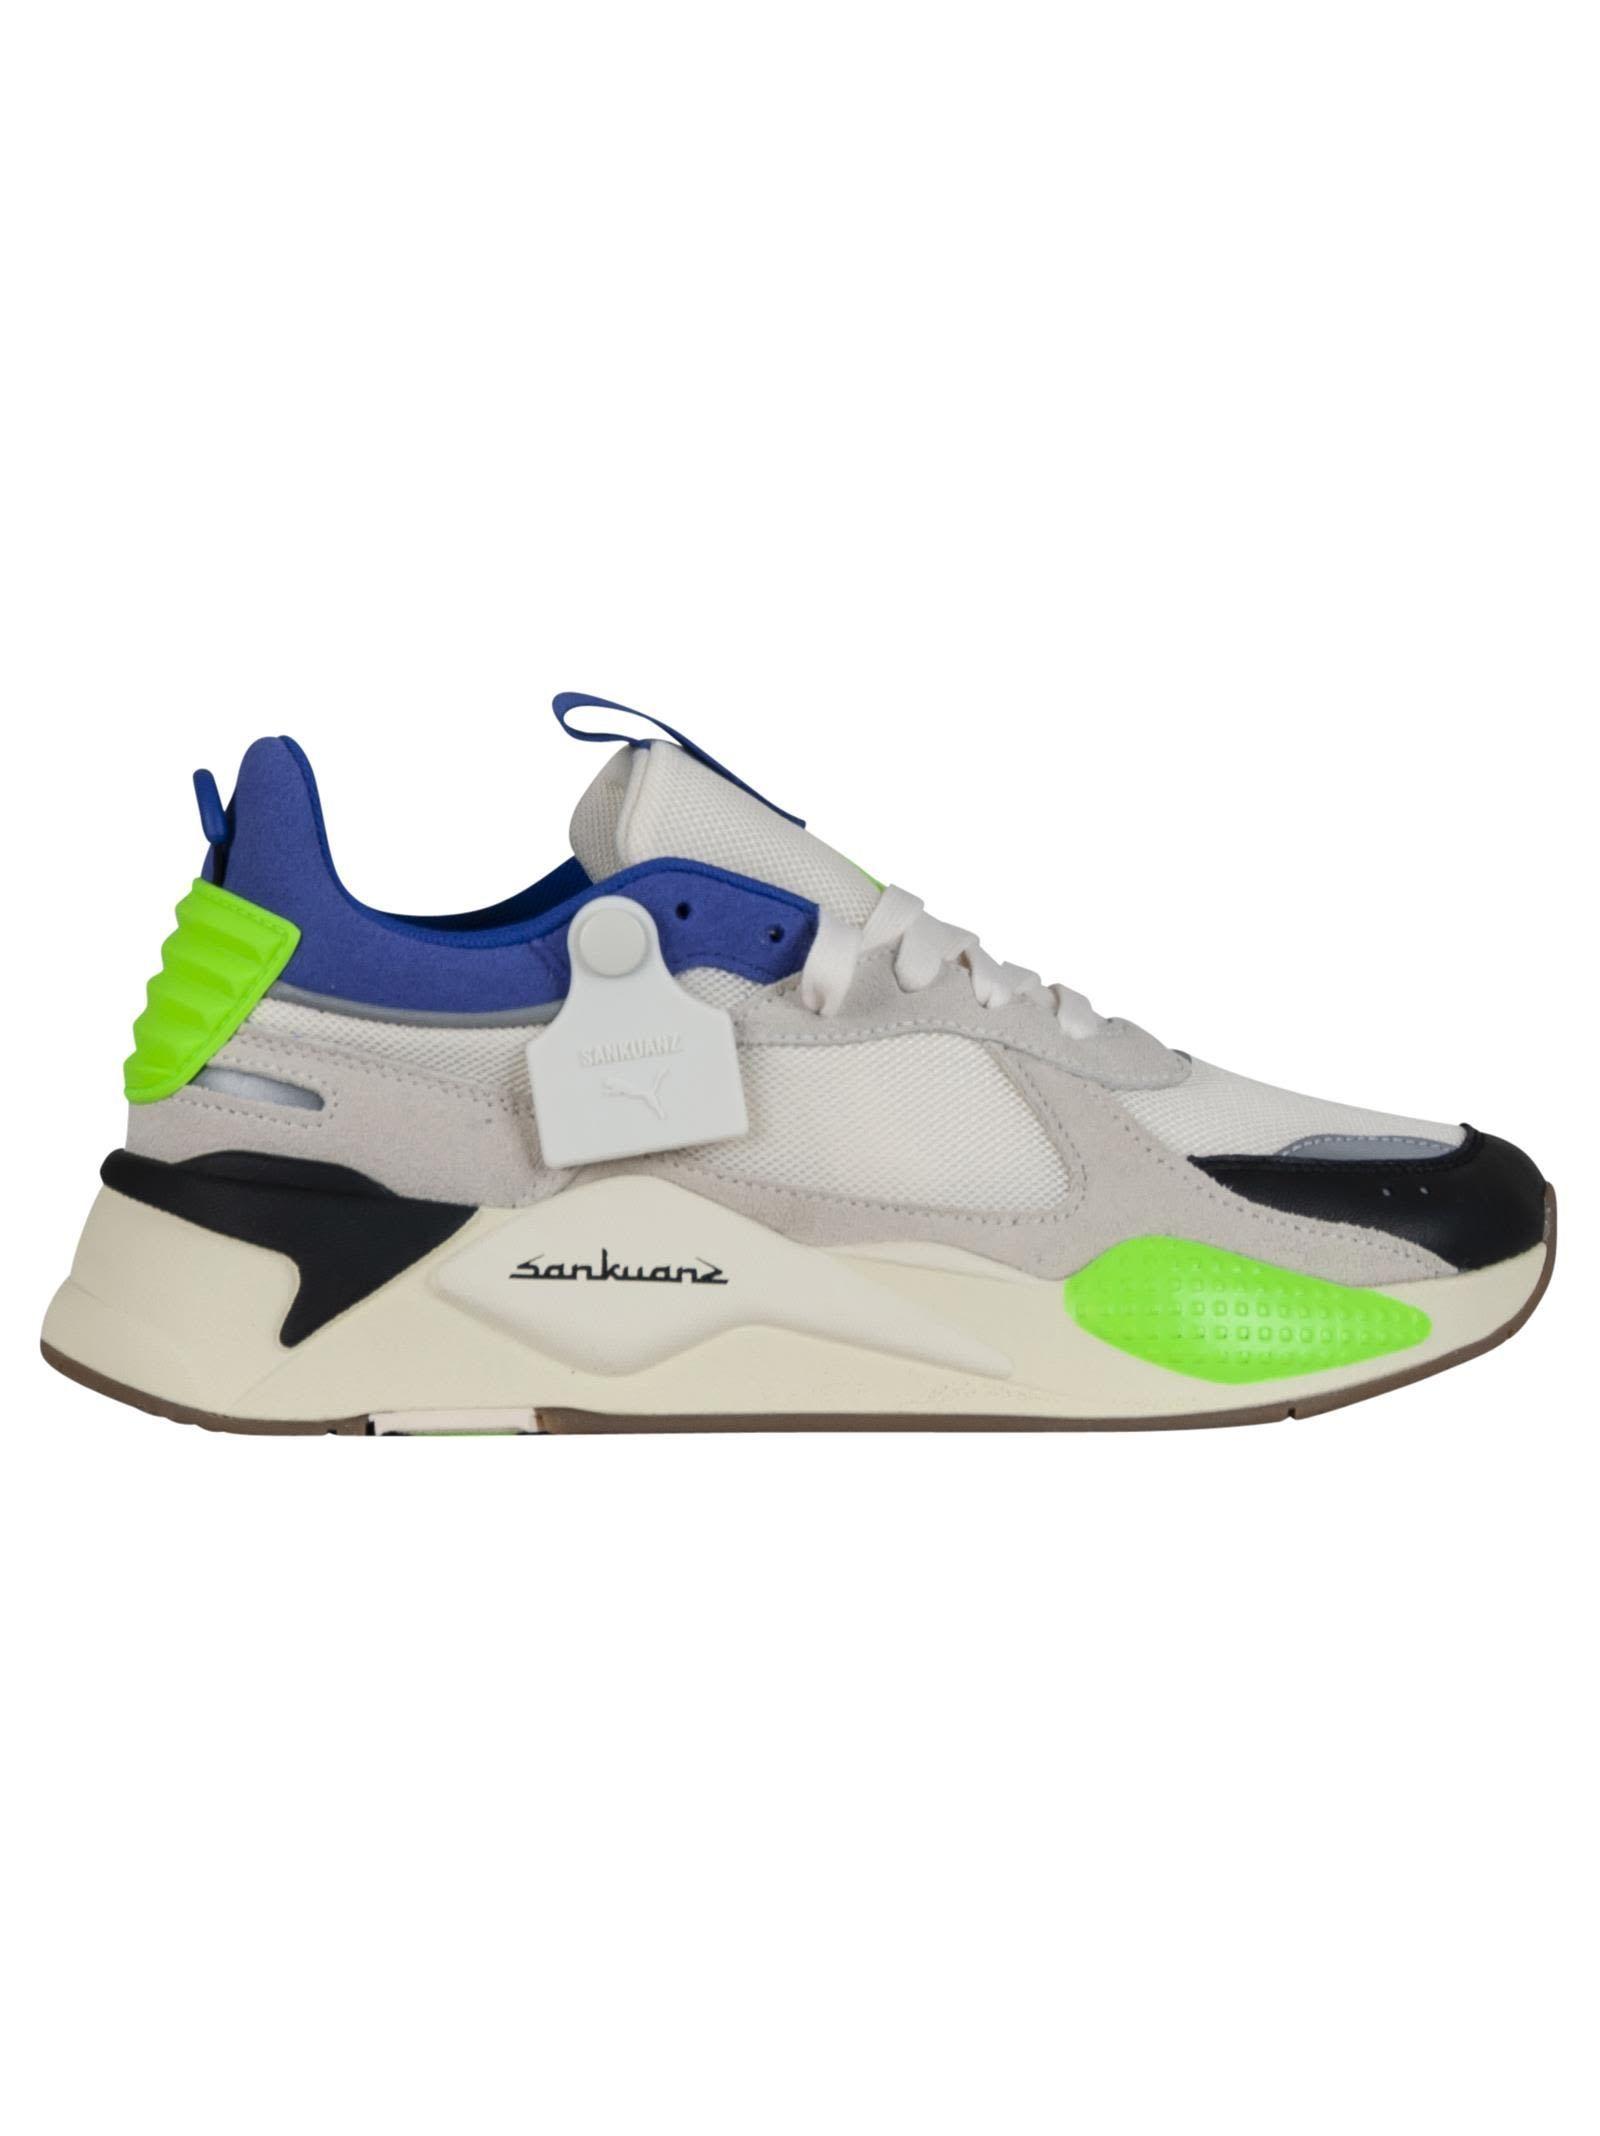 PUMA X SANKUANZ RSX puma shoes   Pumas